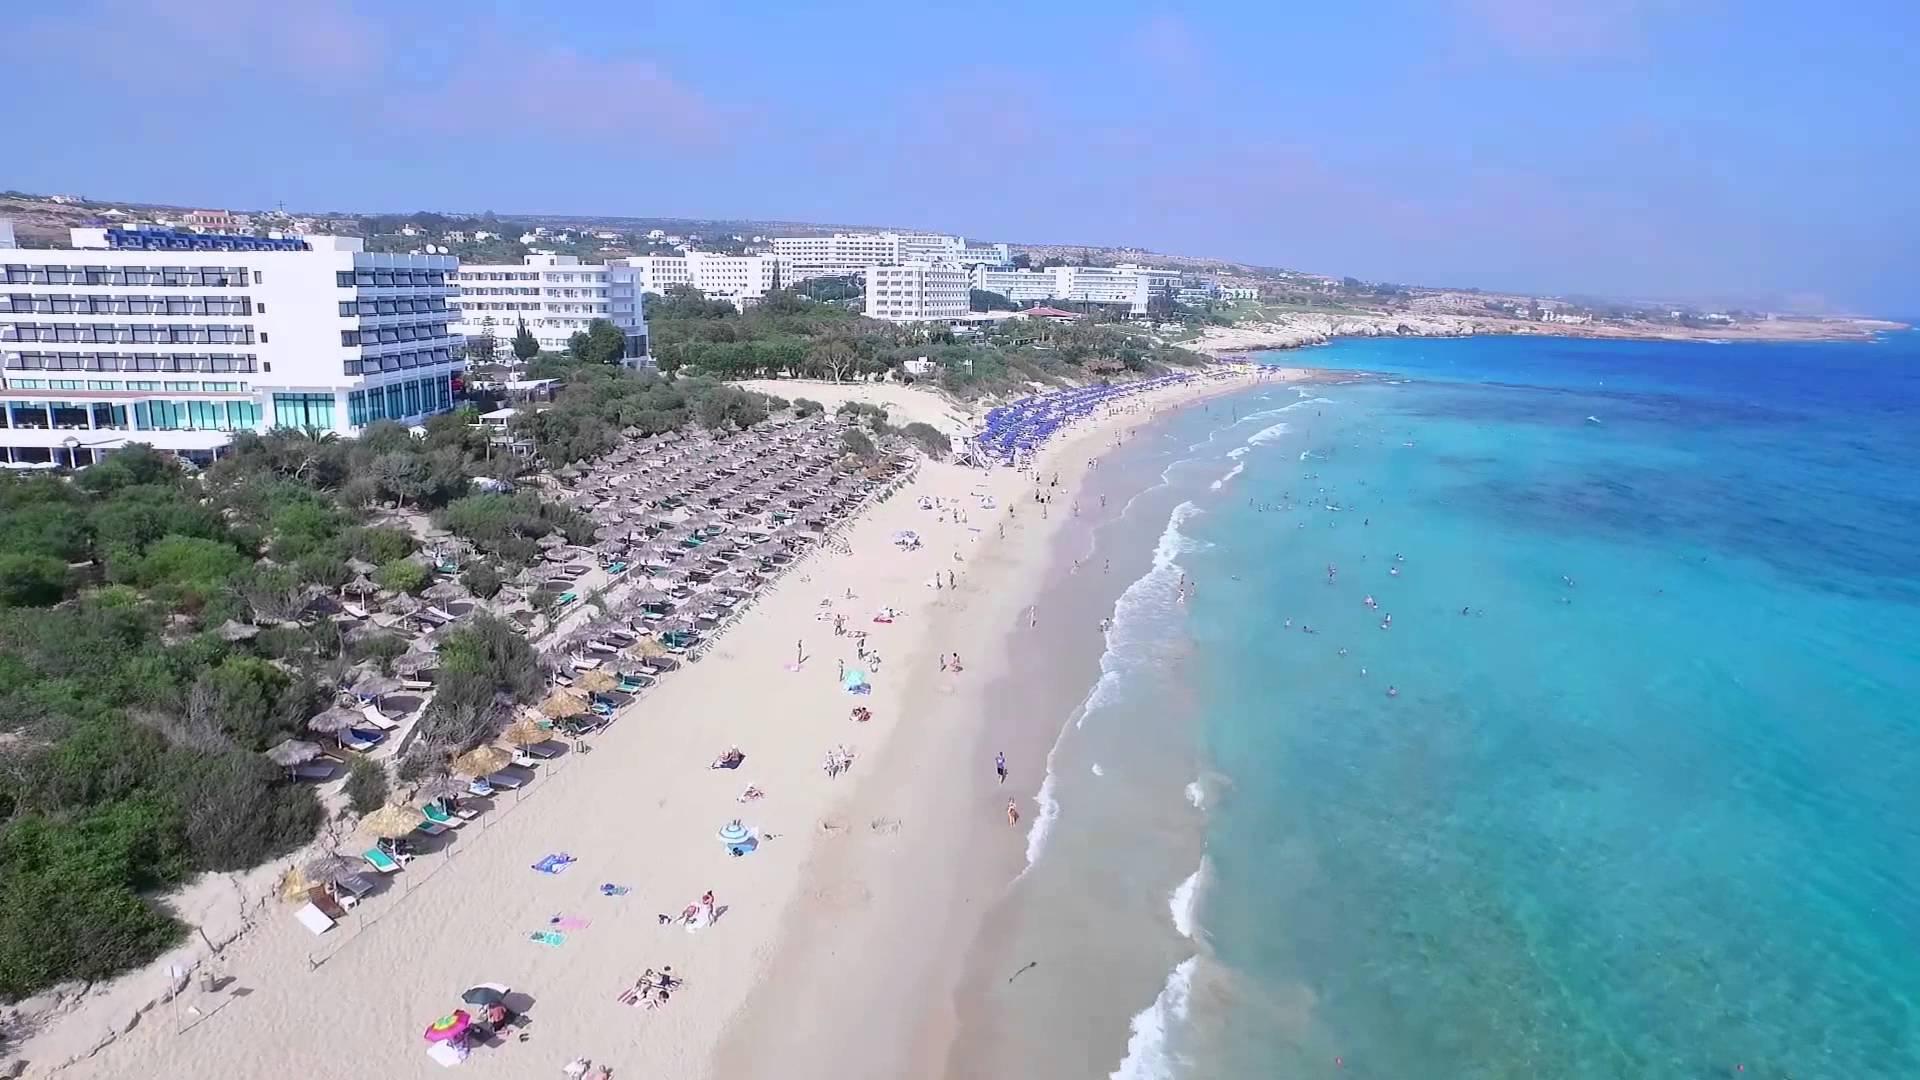 pantachou_beach